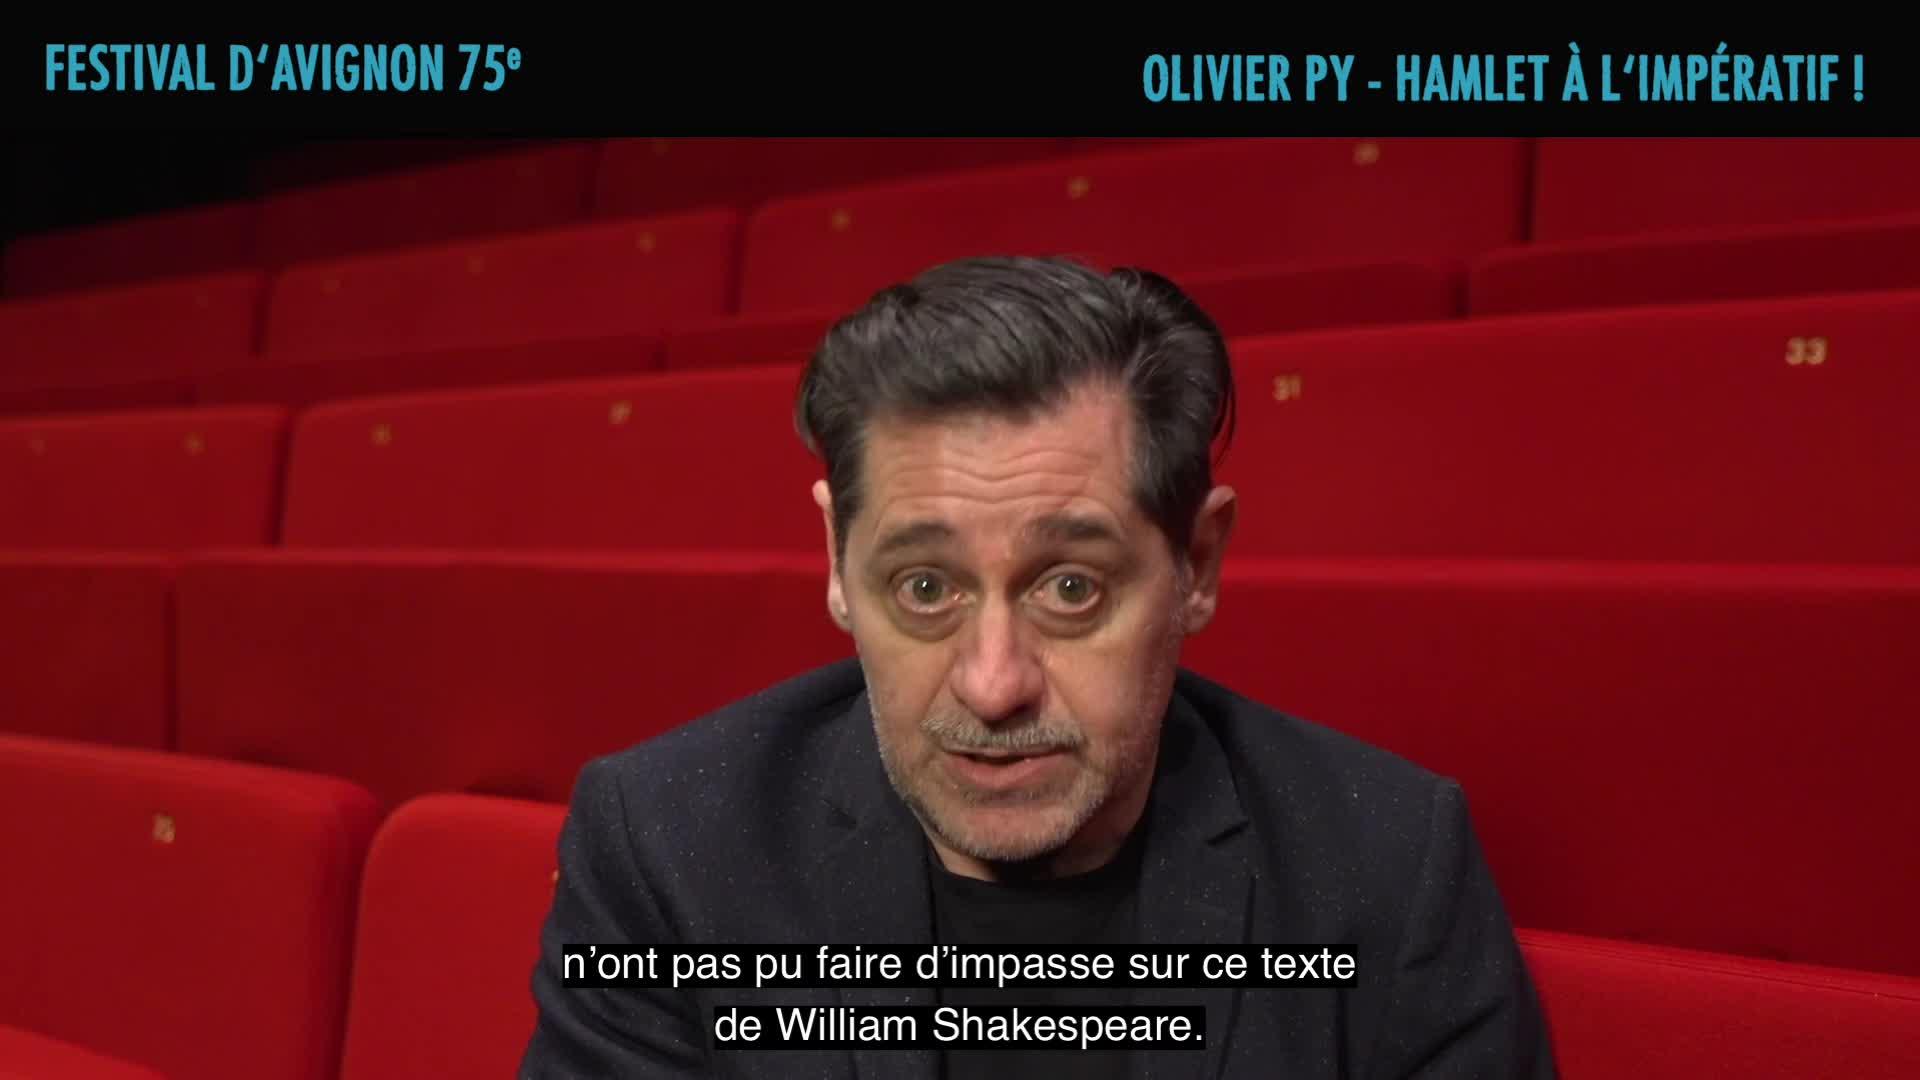 """Vidéo Olivier Py présente le feuilleton théâtral """"Hamlet à l'impératif !"""""""